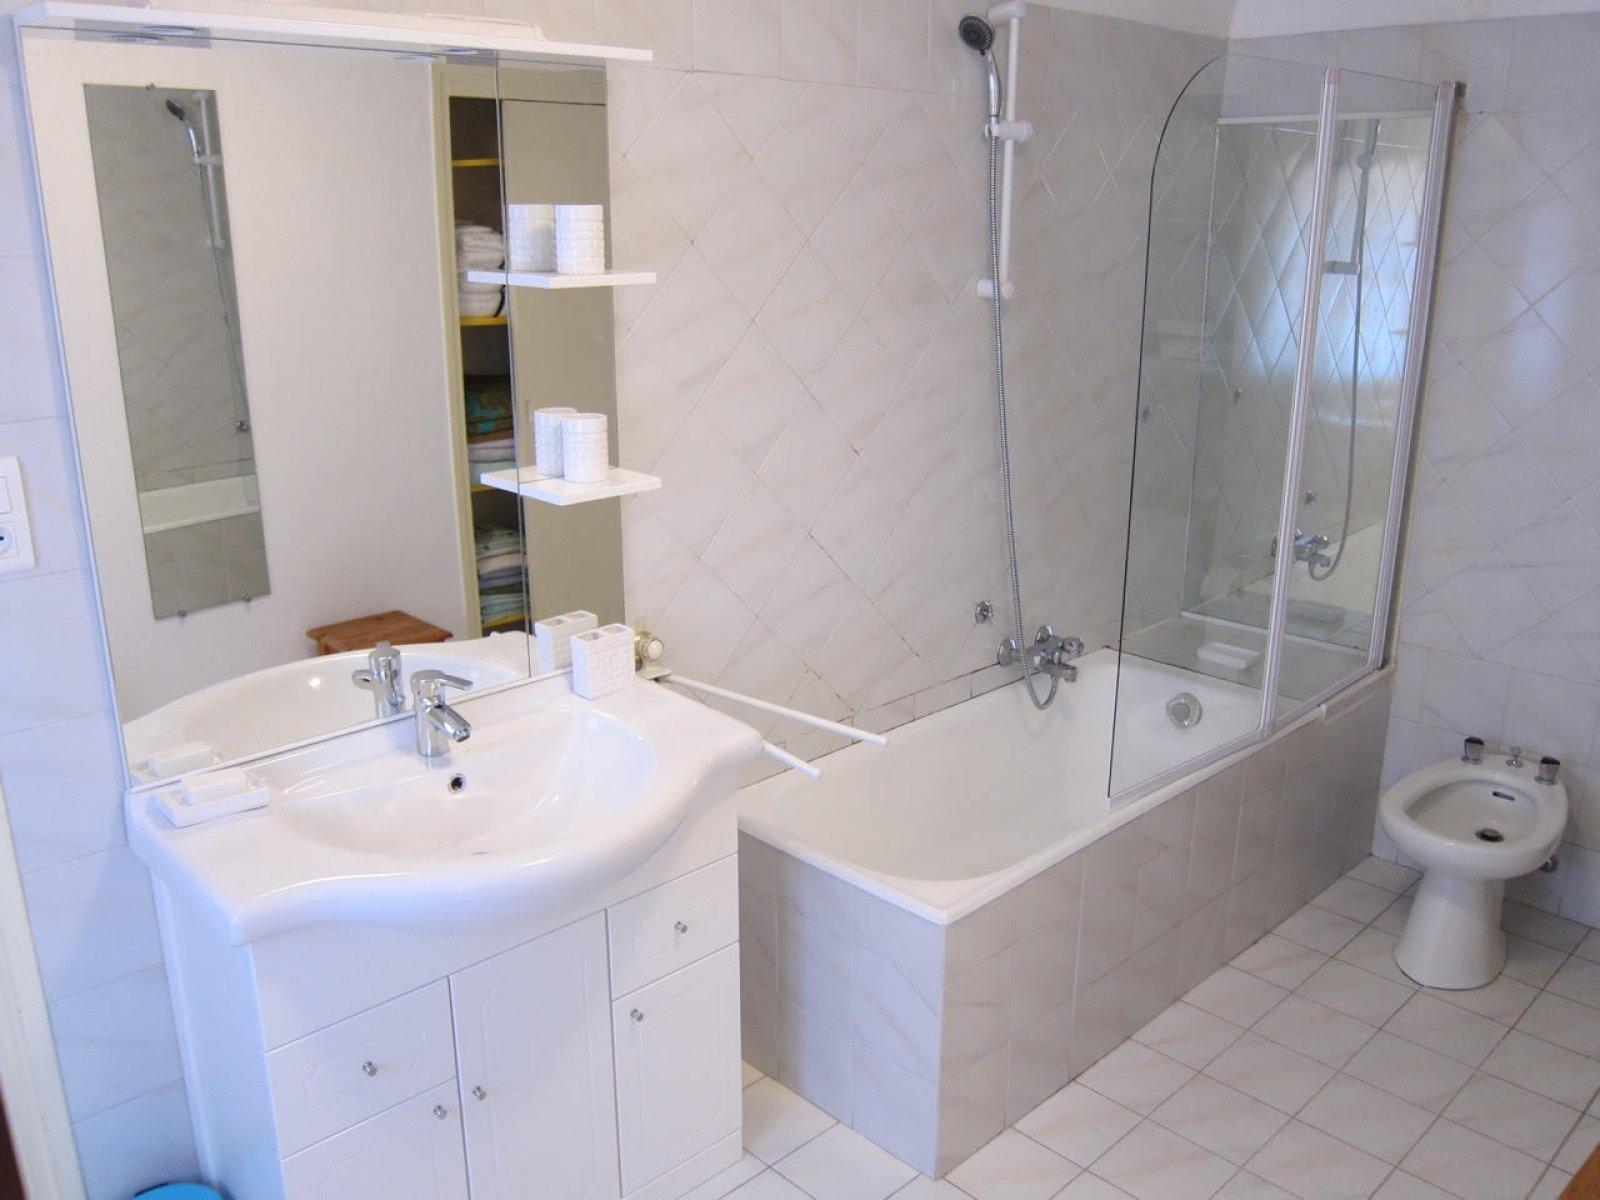 Сдается в долгосрочную аренду виллы 140m² в Грасс лазурный берег 906256